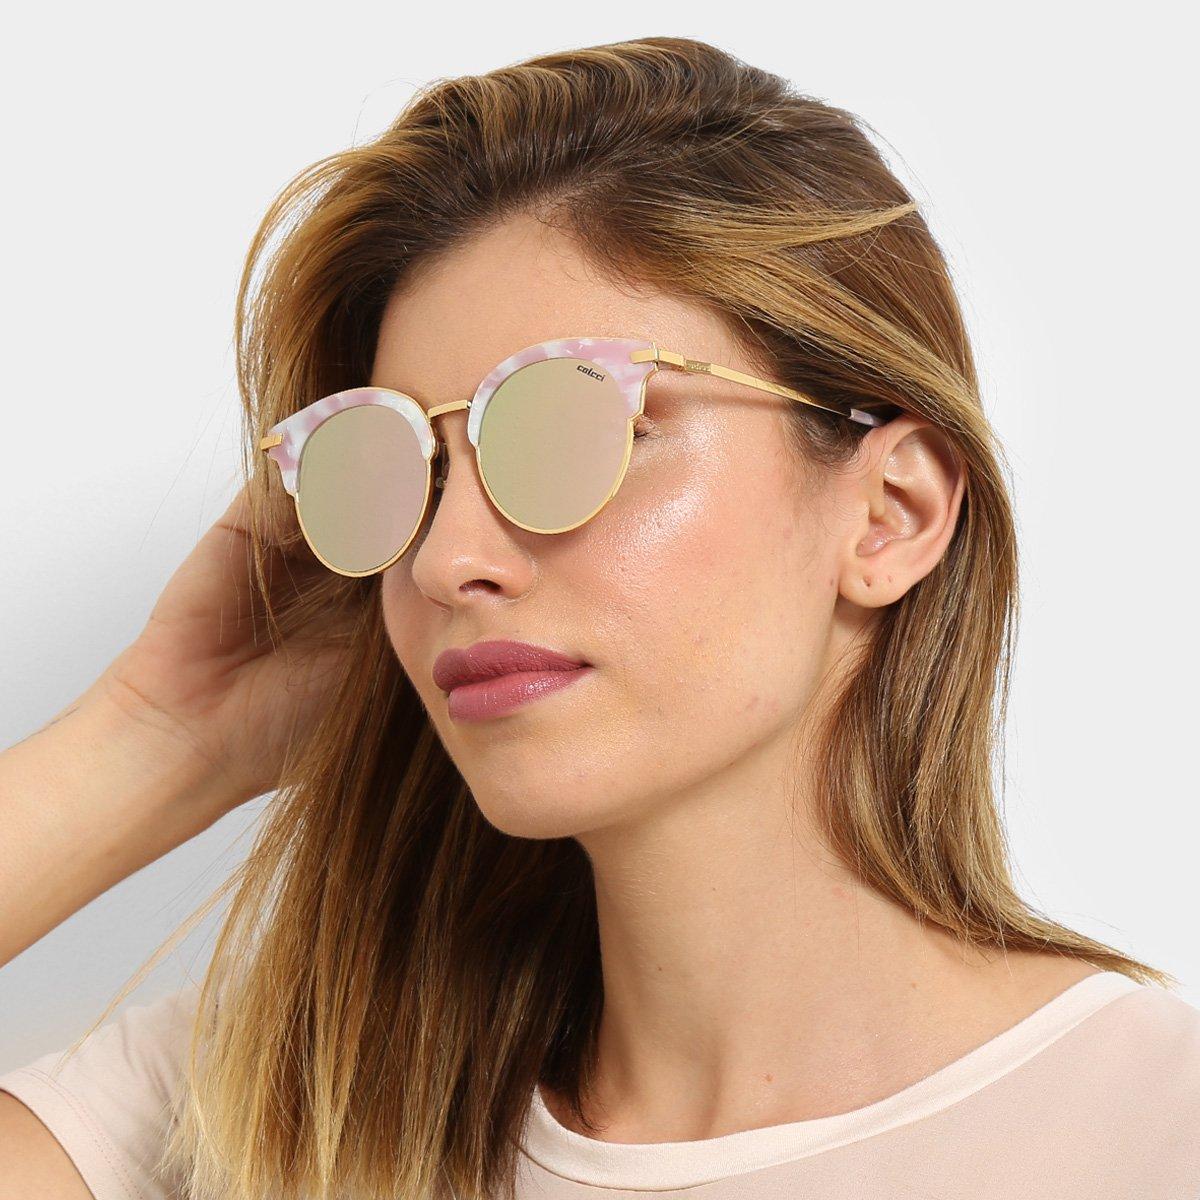 22753bdae Óculos de Sol Colcci Gatinho Brilho Feminino | Livelo -Sua Vida com Mais  Recompensas